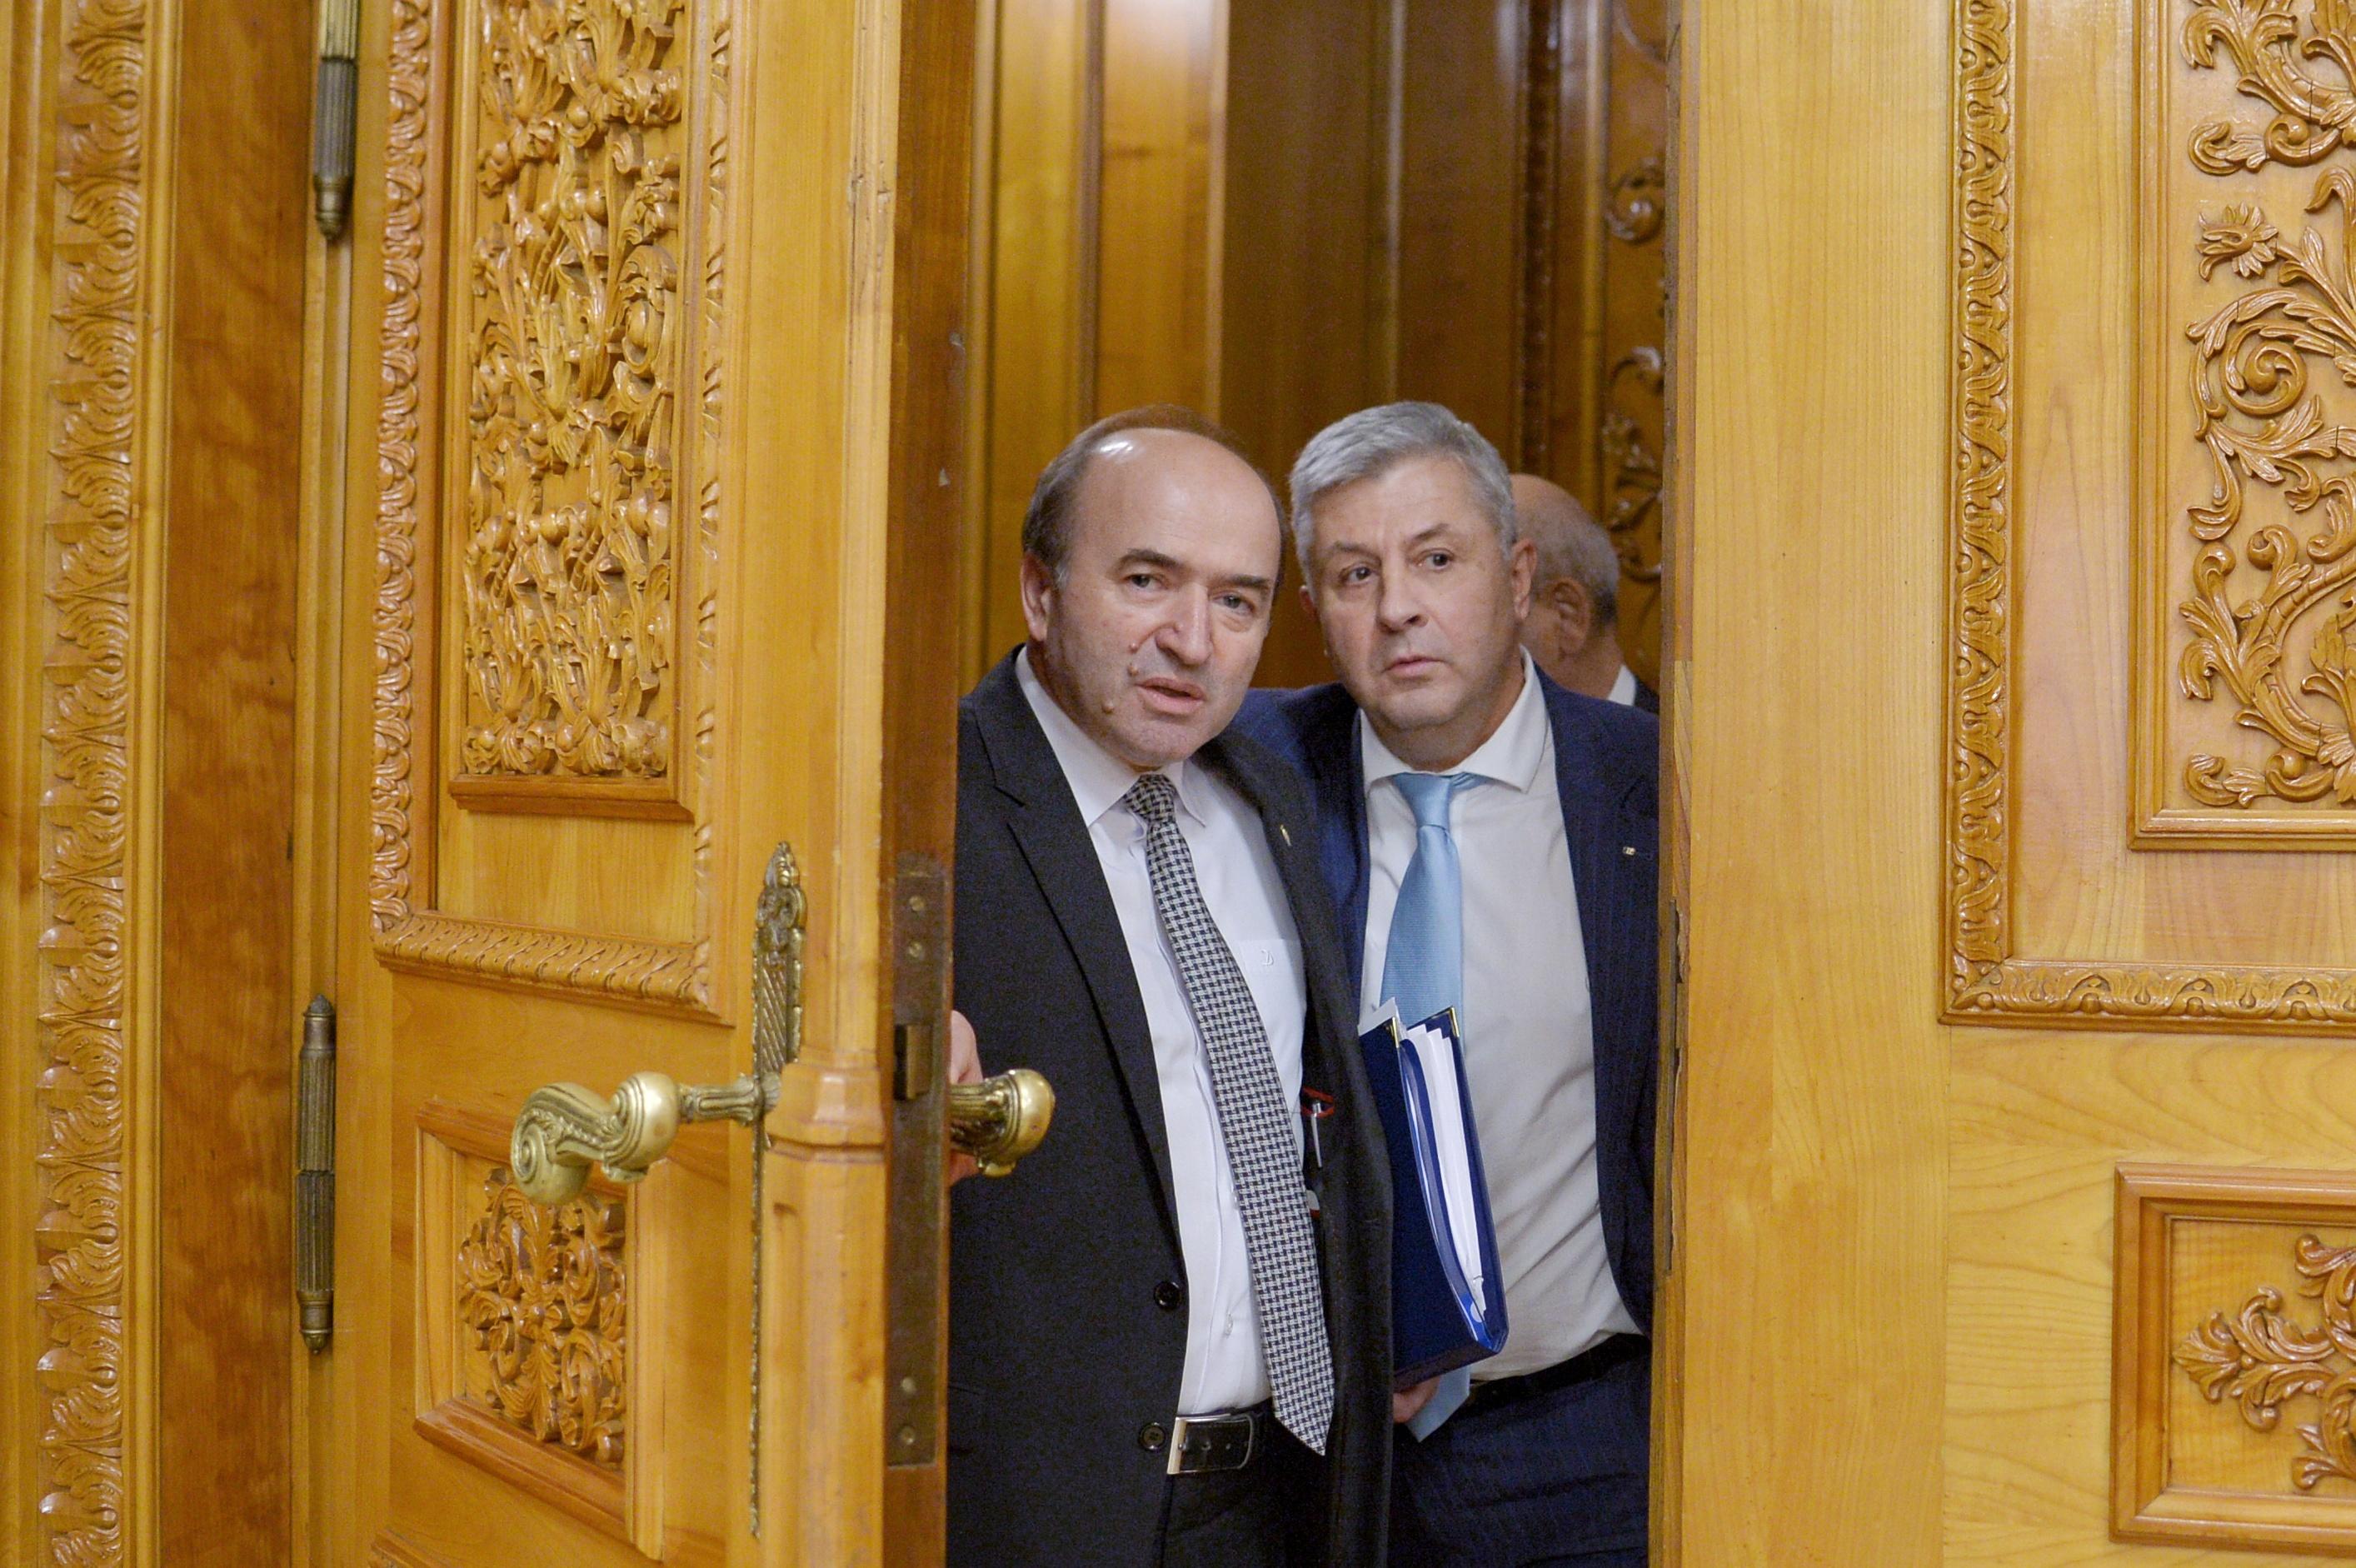 Ministrul Tudorel Toader: Ştiu cine a pătruns în arhiva SIPA fără certificat. Am transmis informaţiile către DIICOT